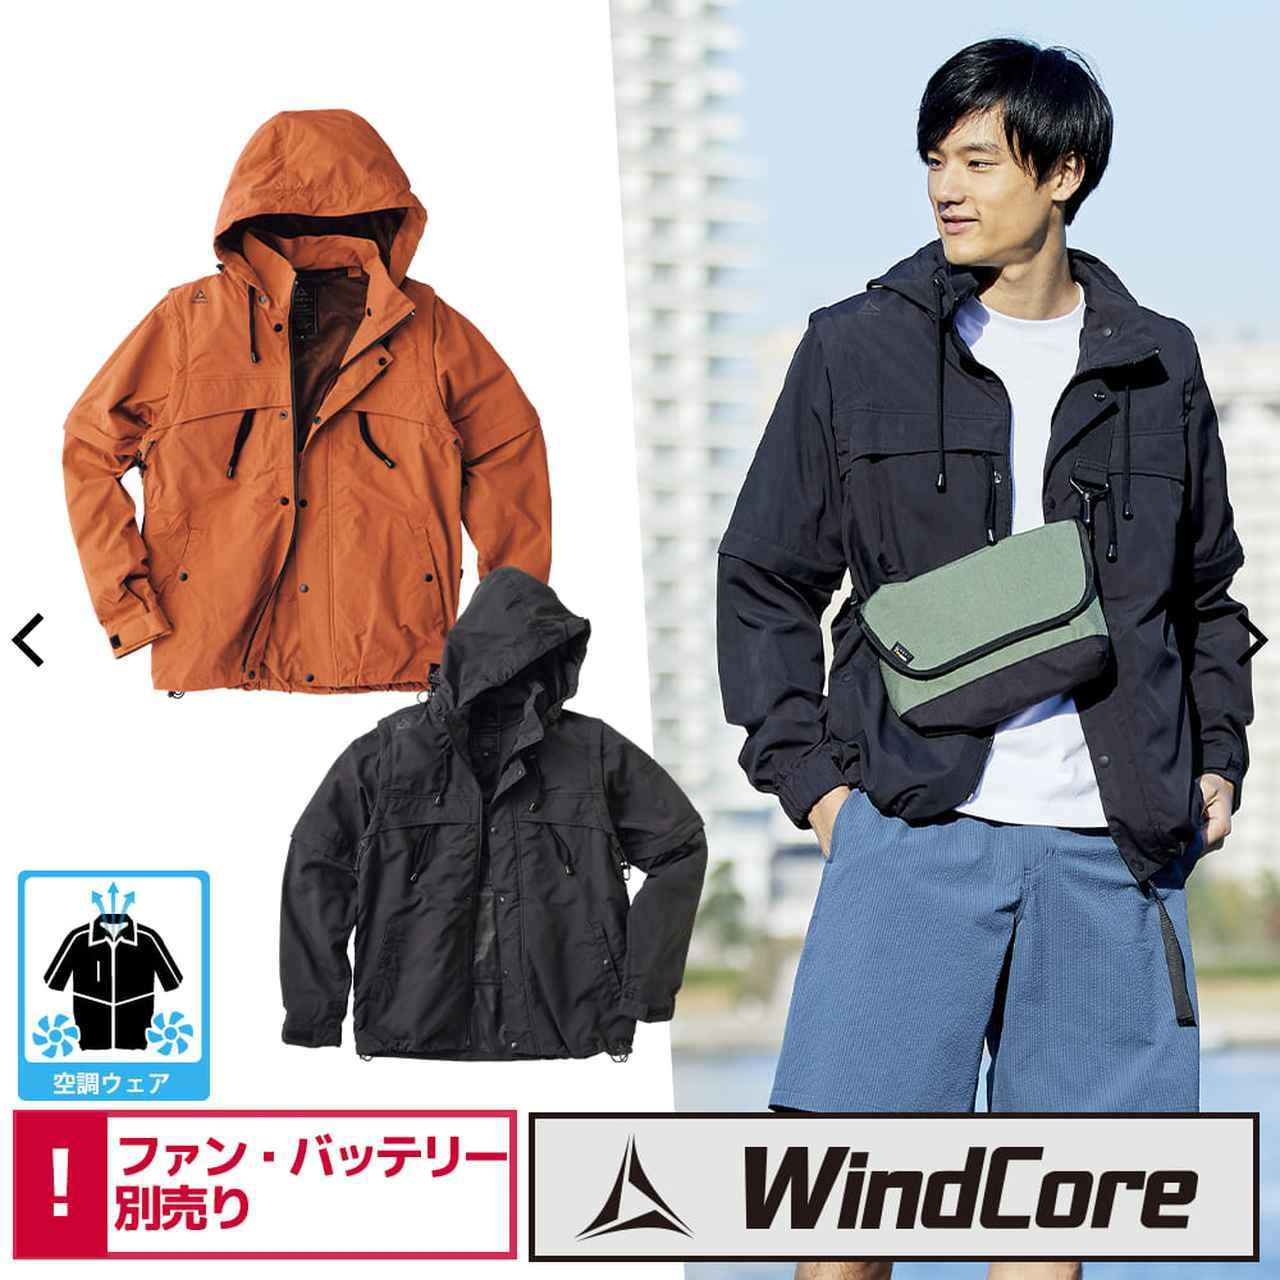 画像: 第4位 WZ1800アーバンアウトドア4WAYジャケット